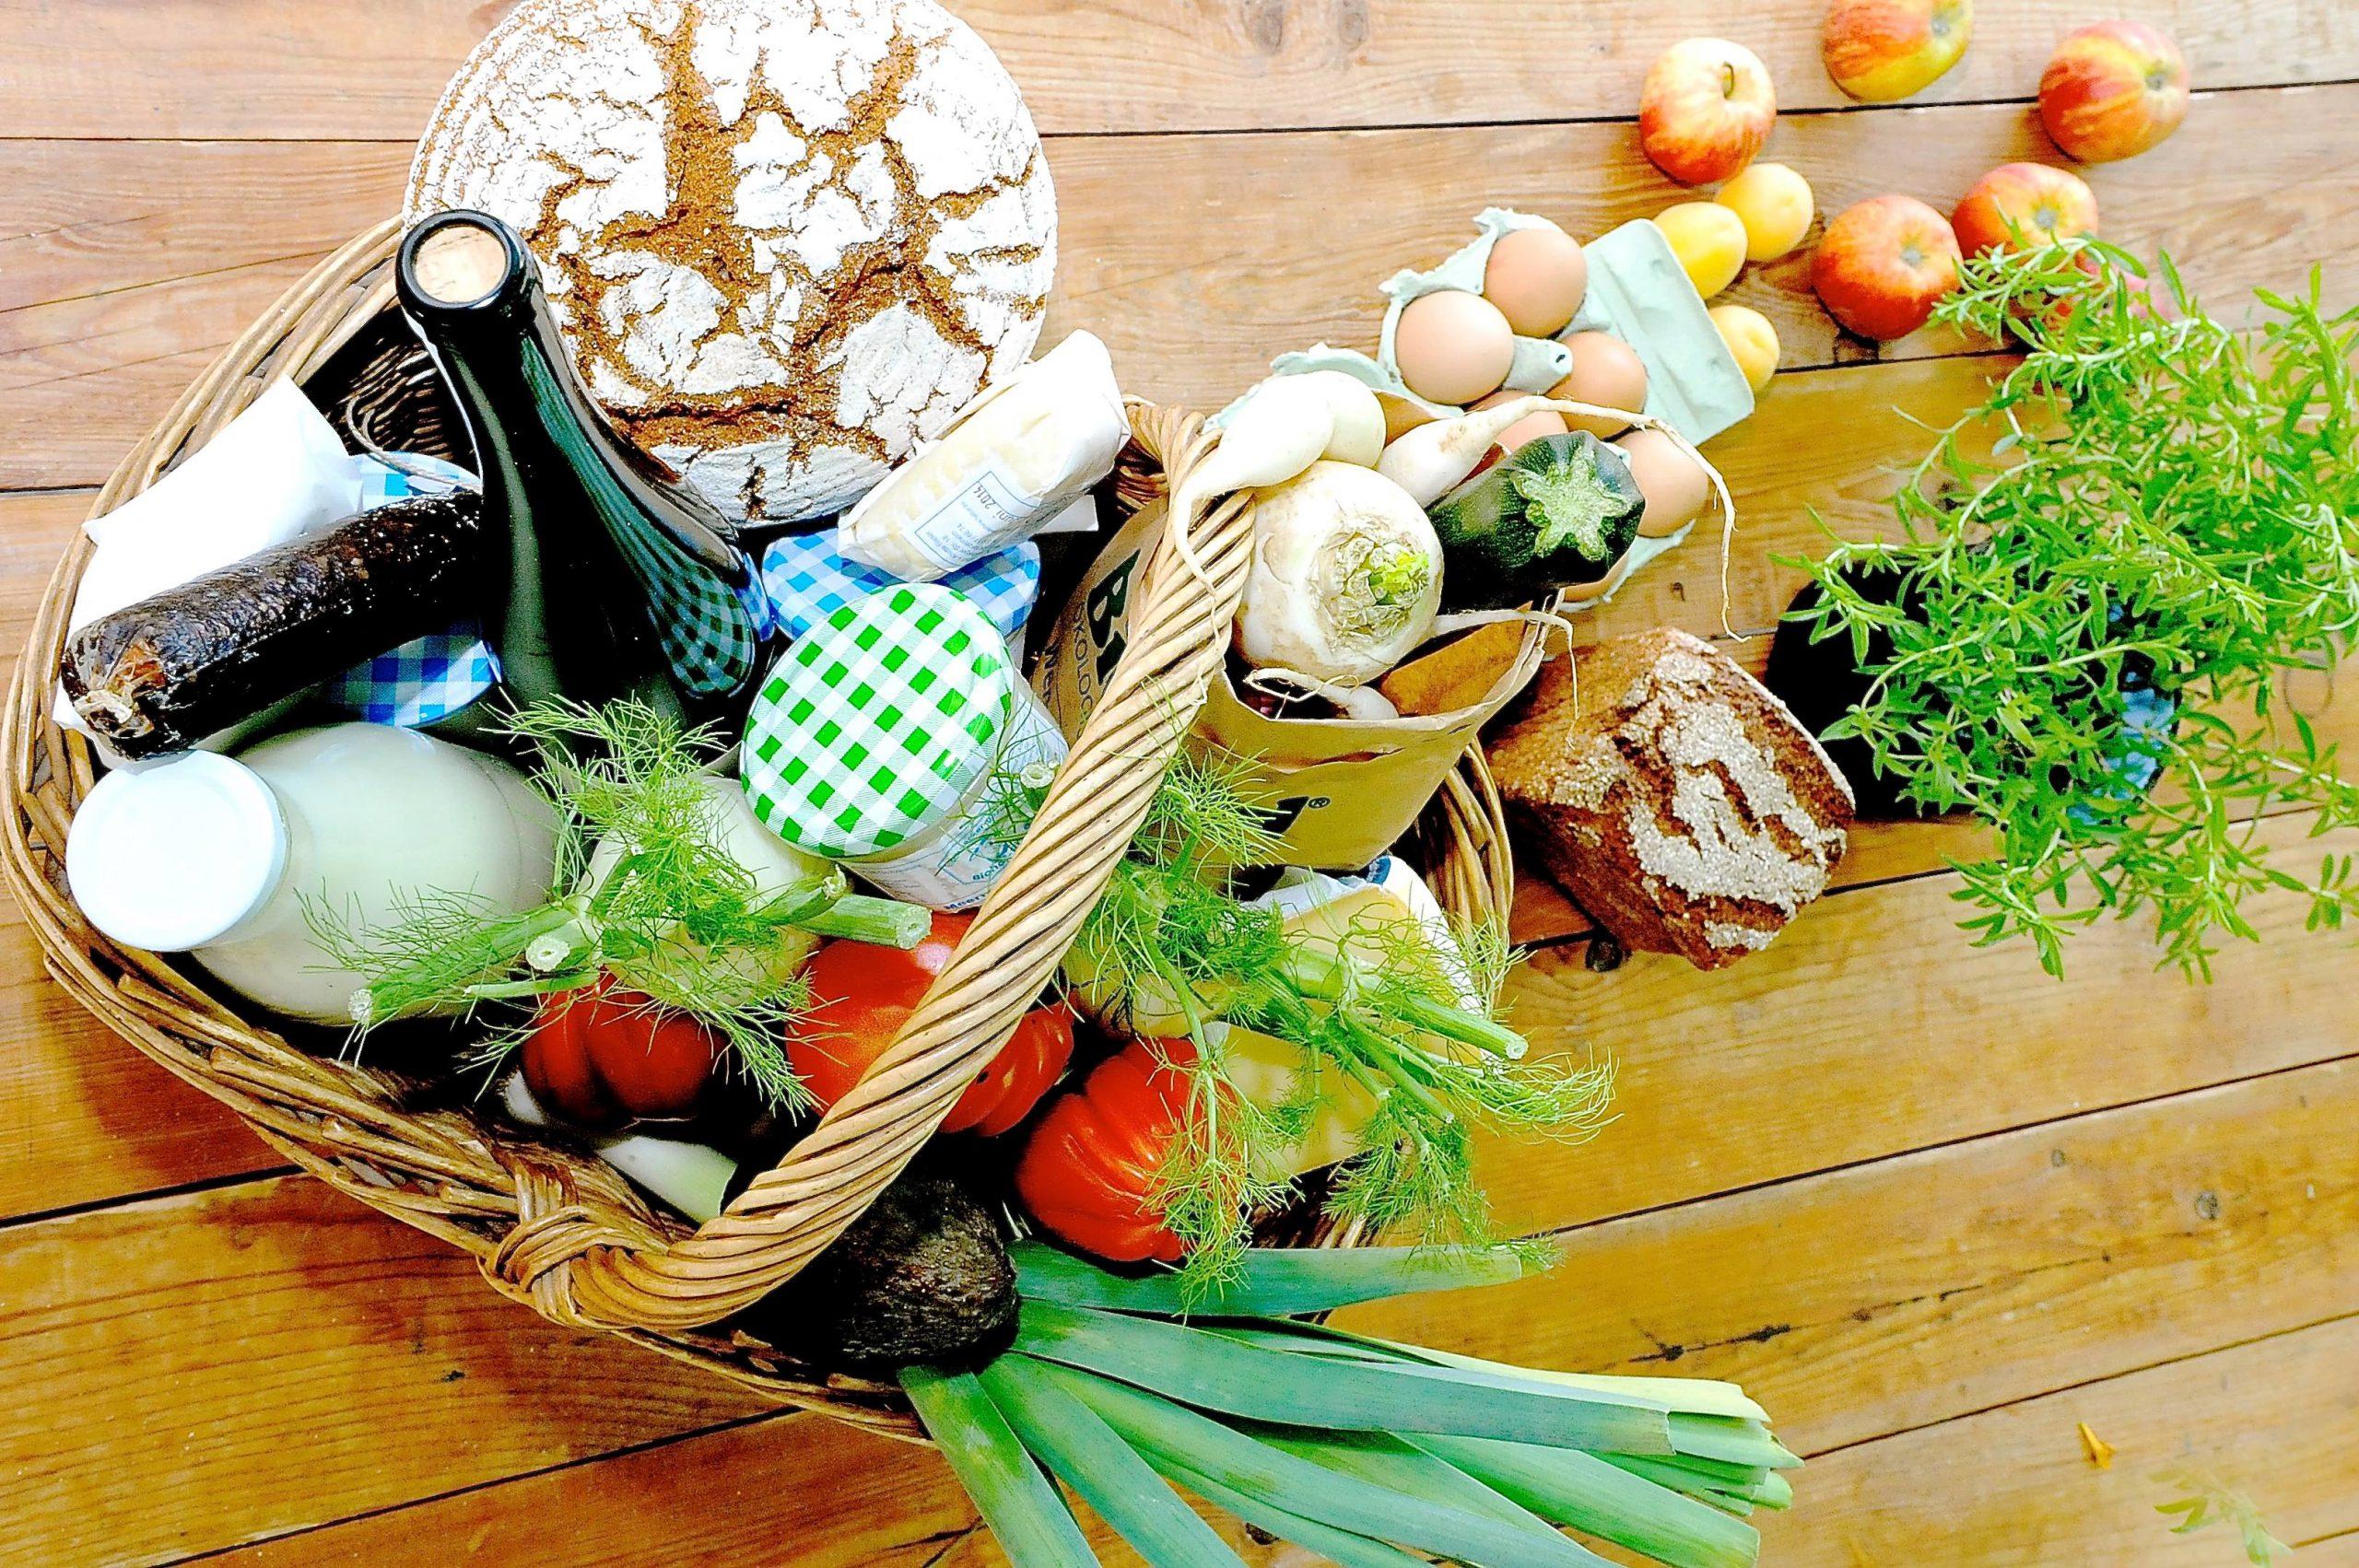 Korb mit Lebensmitteln wie Brot, Milch, Gemüse, Eier